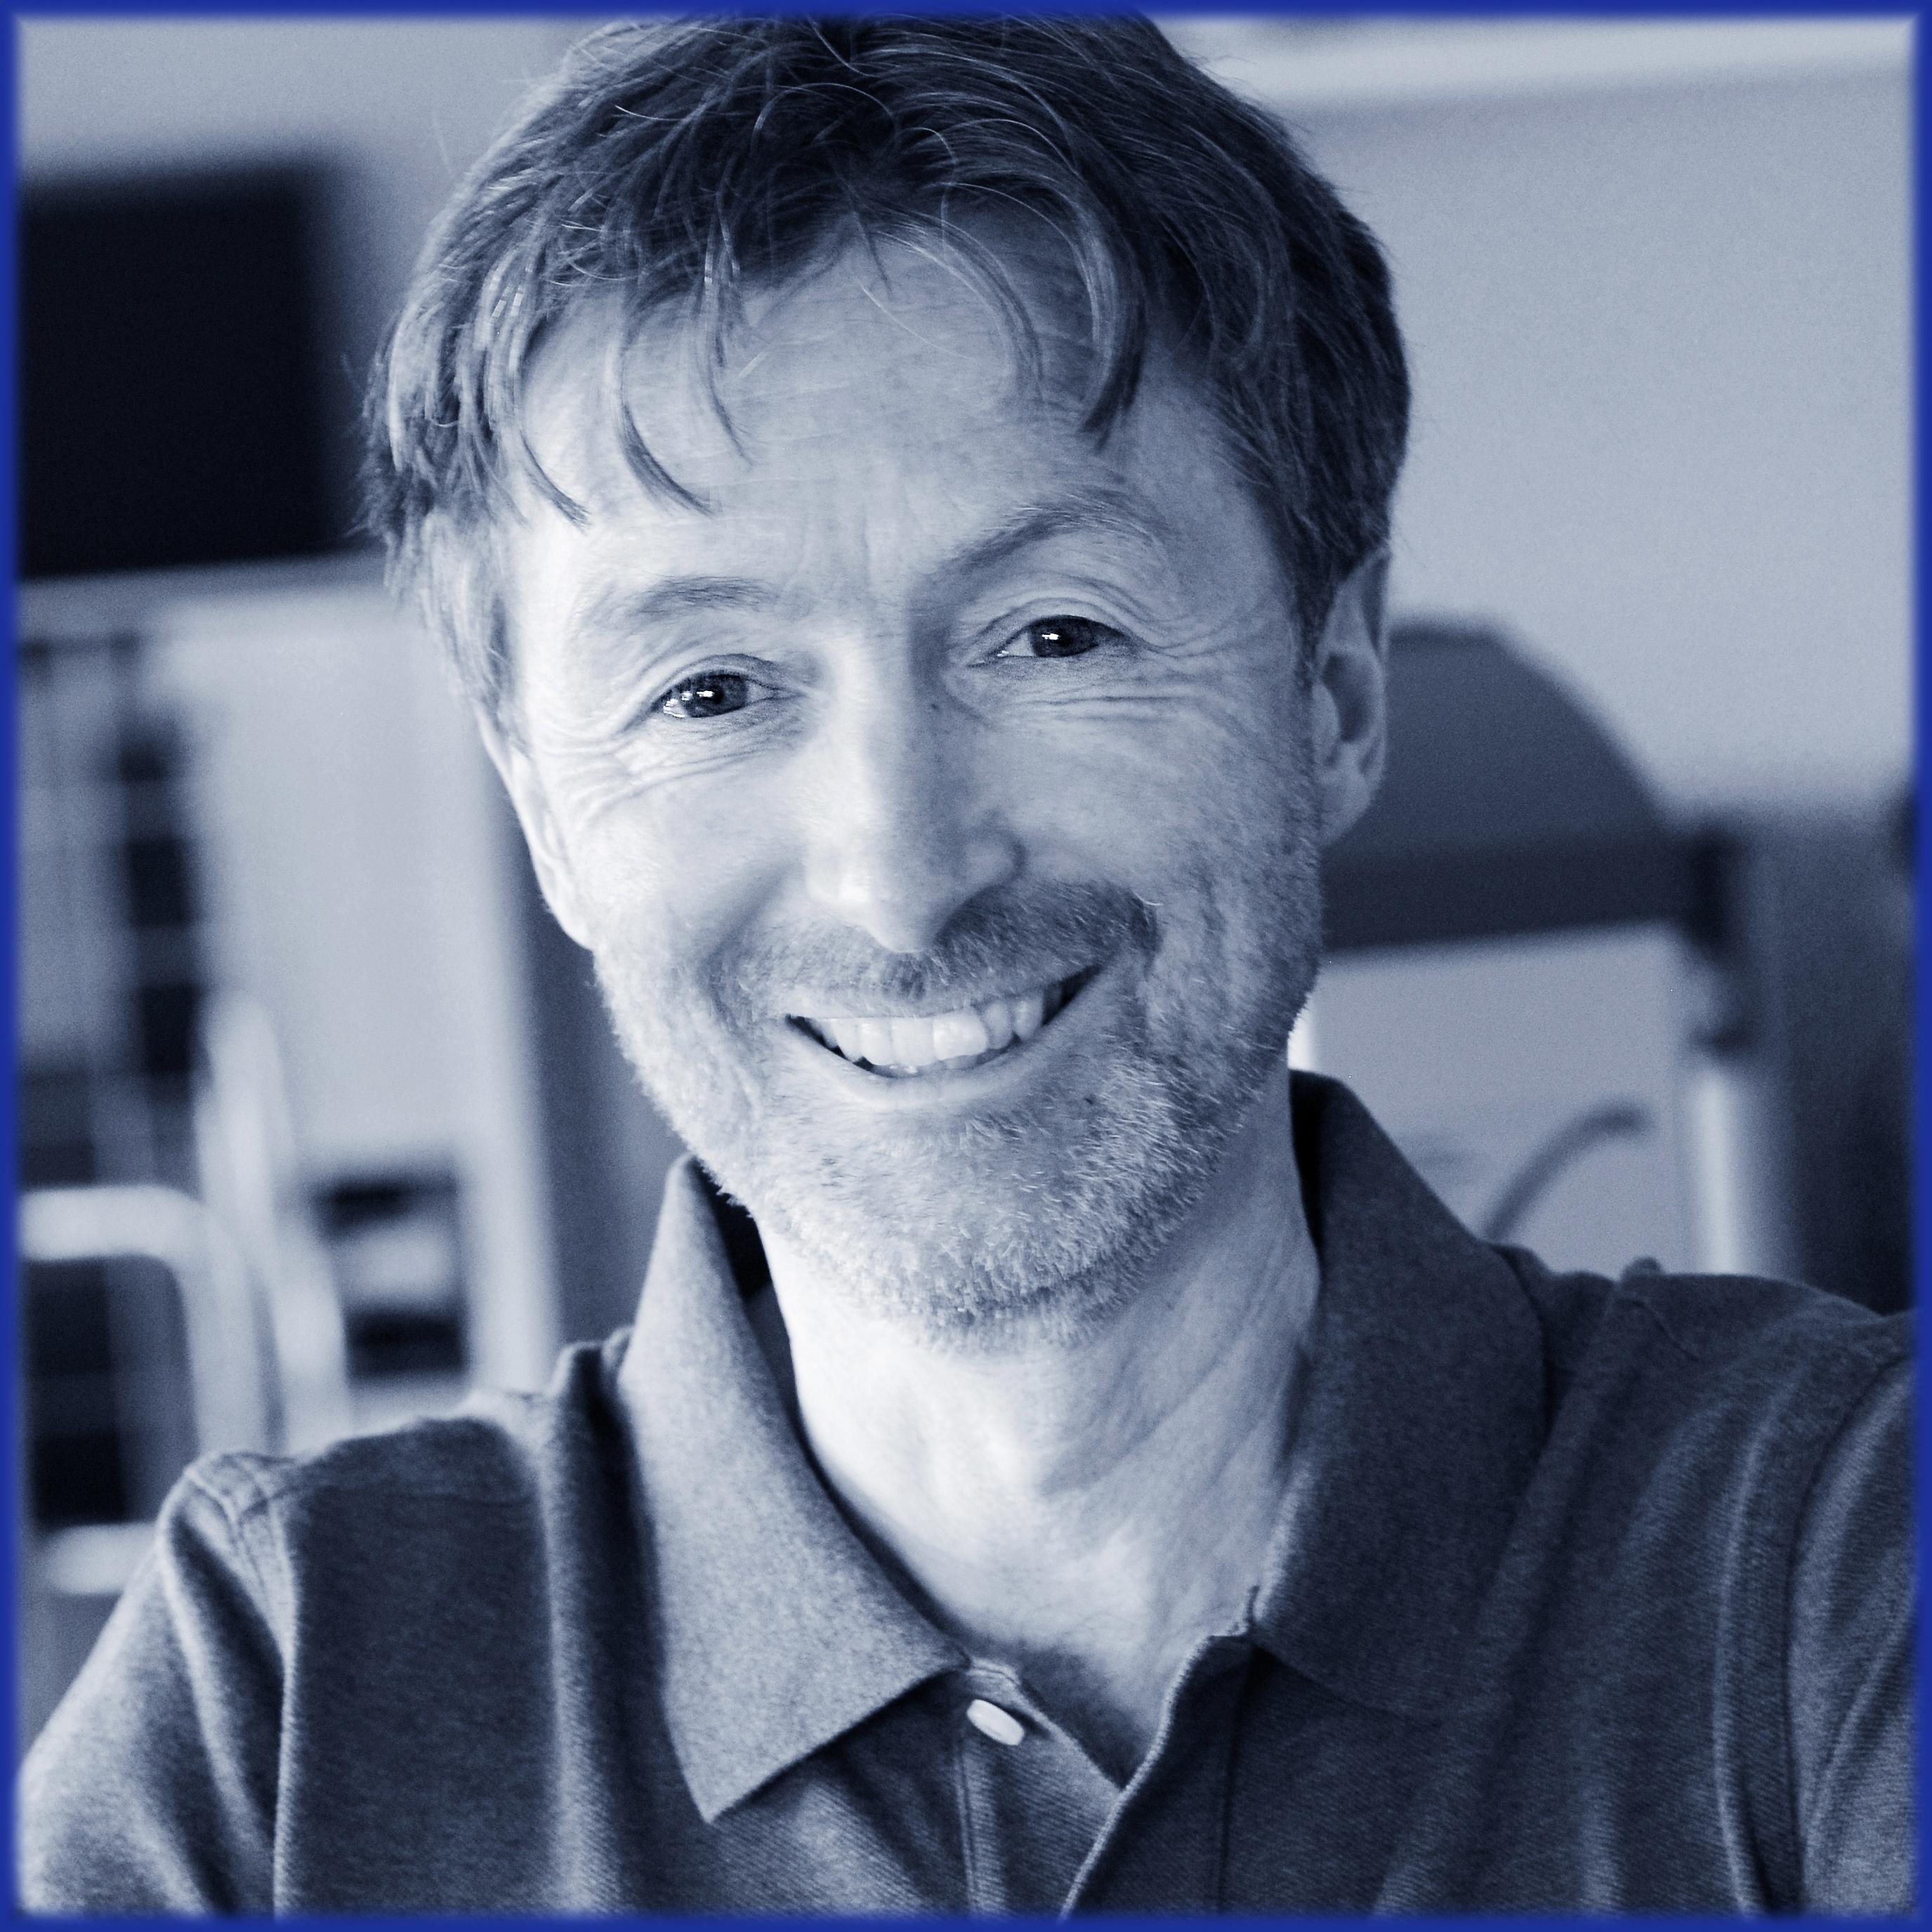 Markus Friedlin